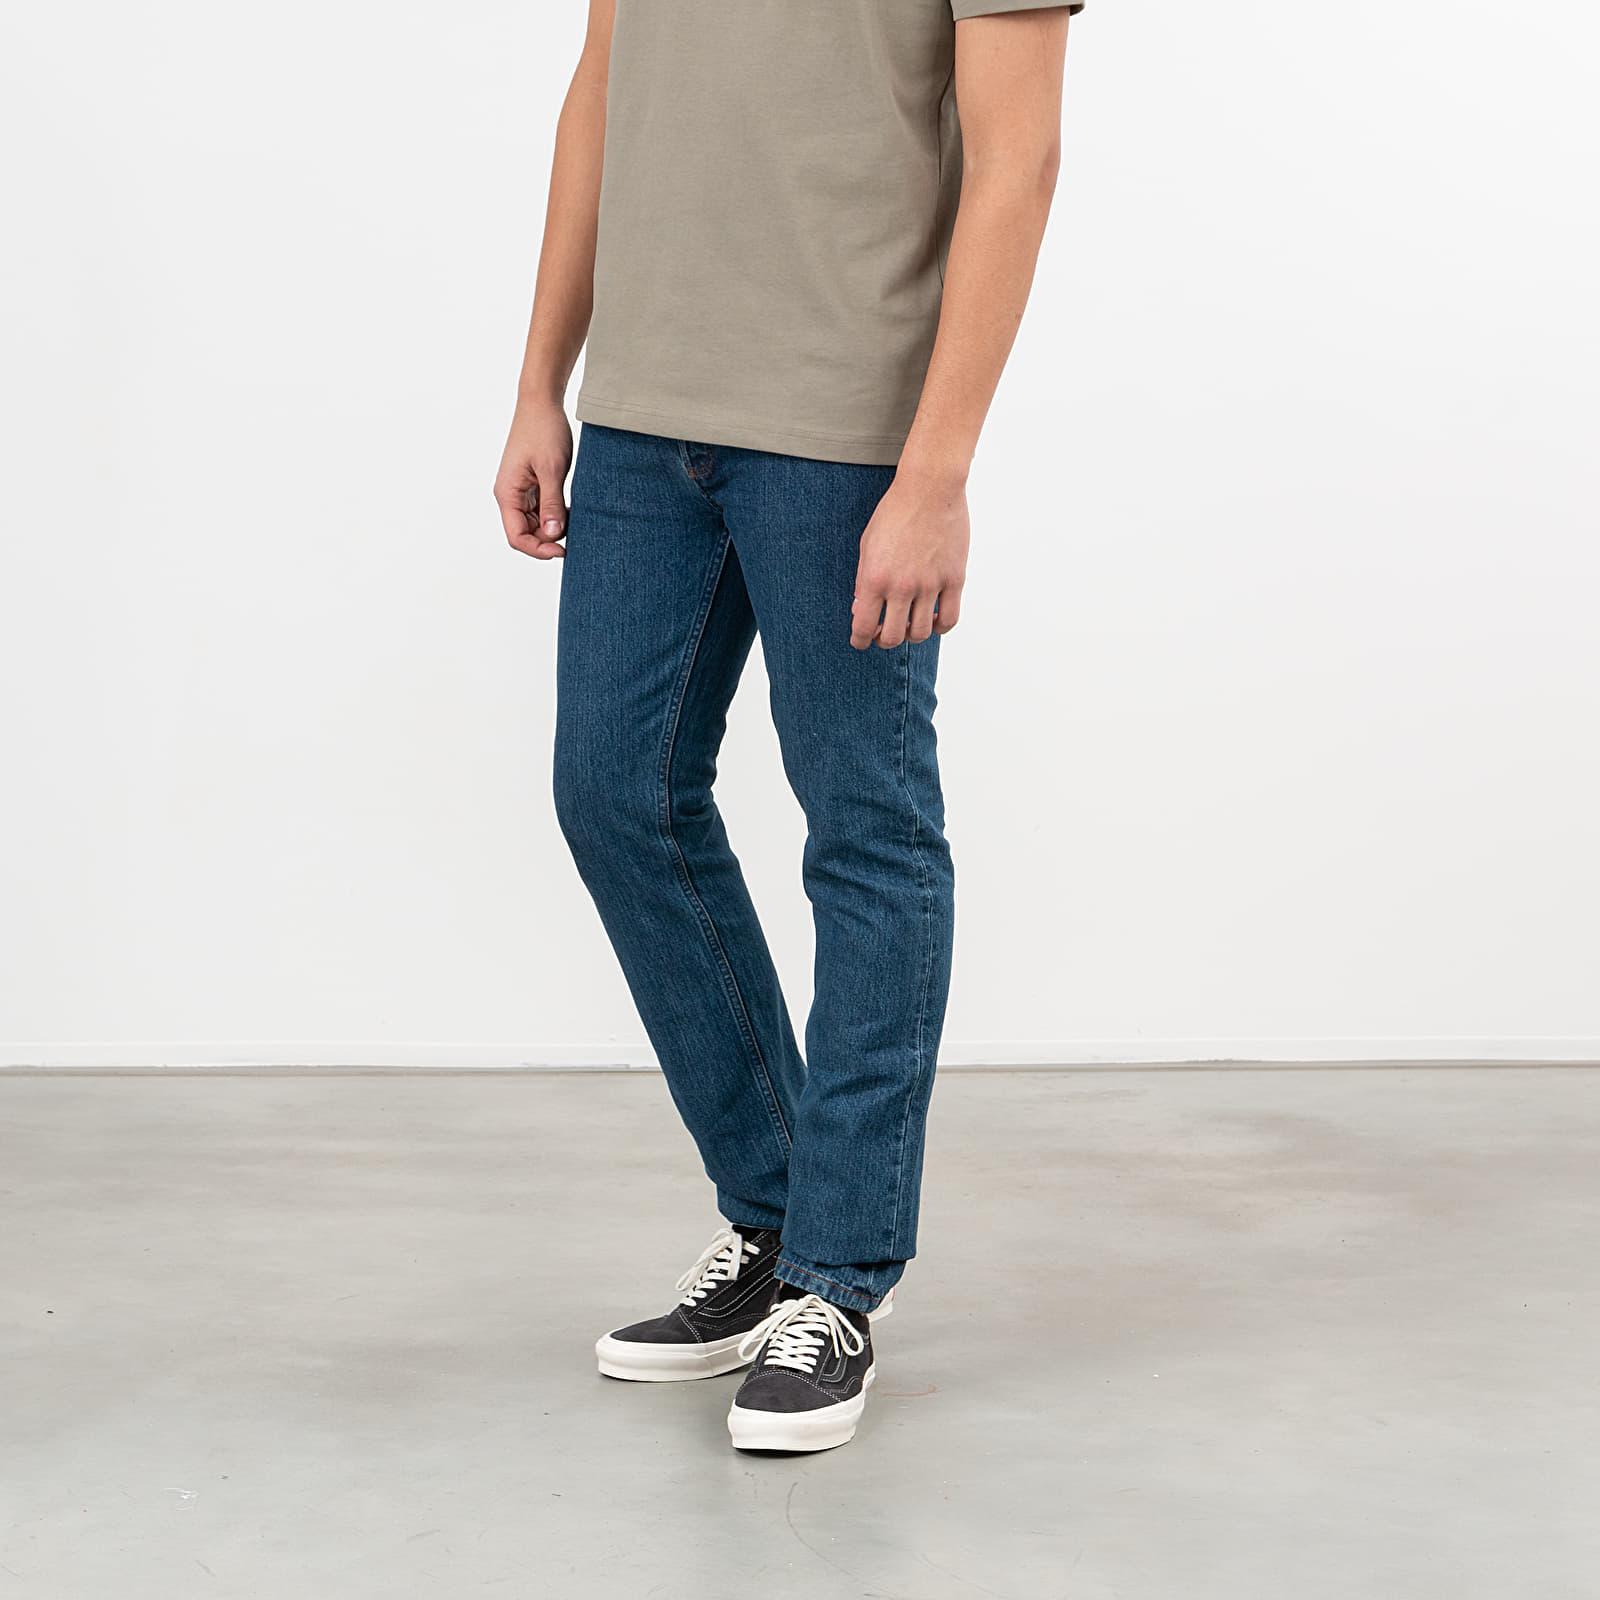 A.P.C. x Carhartt WIP Petit Standard Jeans